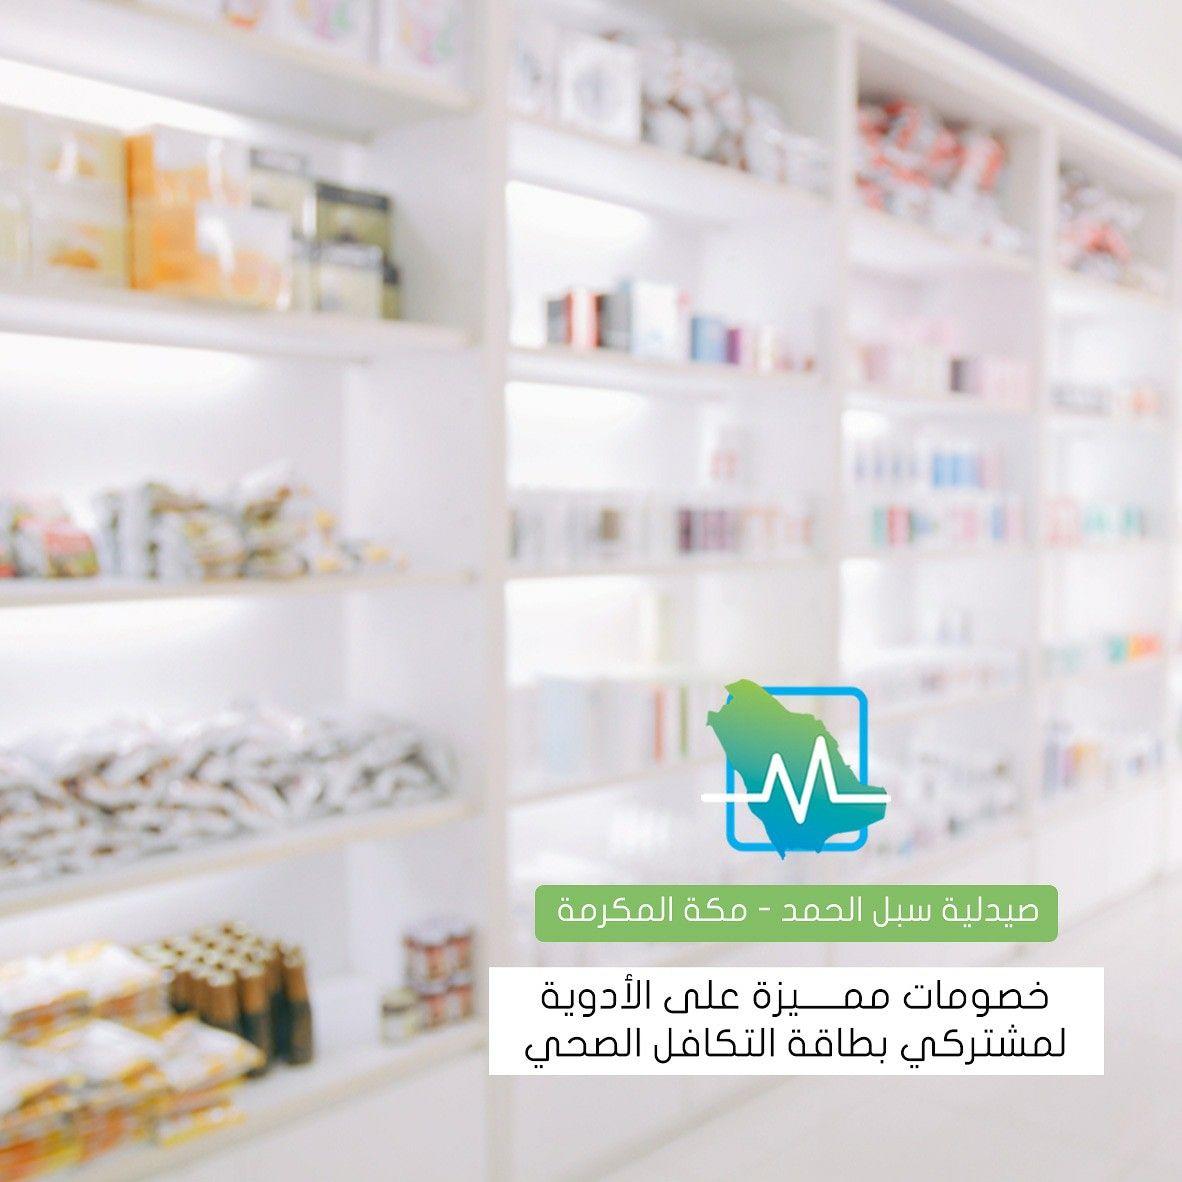 خصومات مميزة ستحصلون عليها من صيدلية سبل الحمد في مكة المكرمة على بطاقة التكافل الصحي على النحو الآتي الأدوية من 5 10 المستحضرا Home Decor Decor Shelves